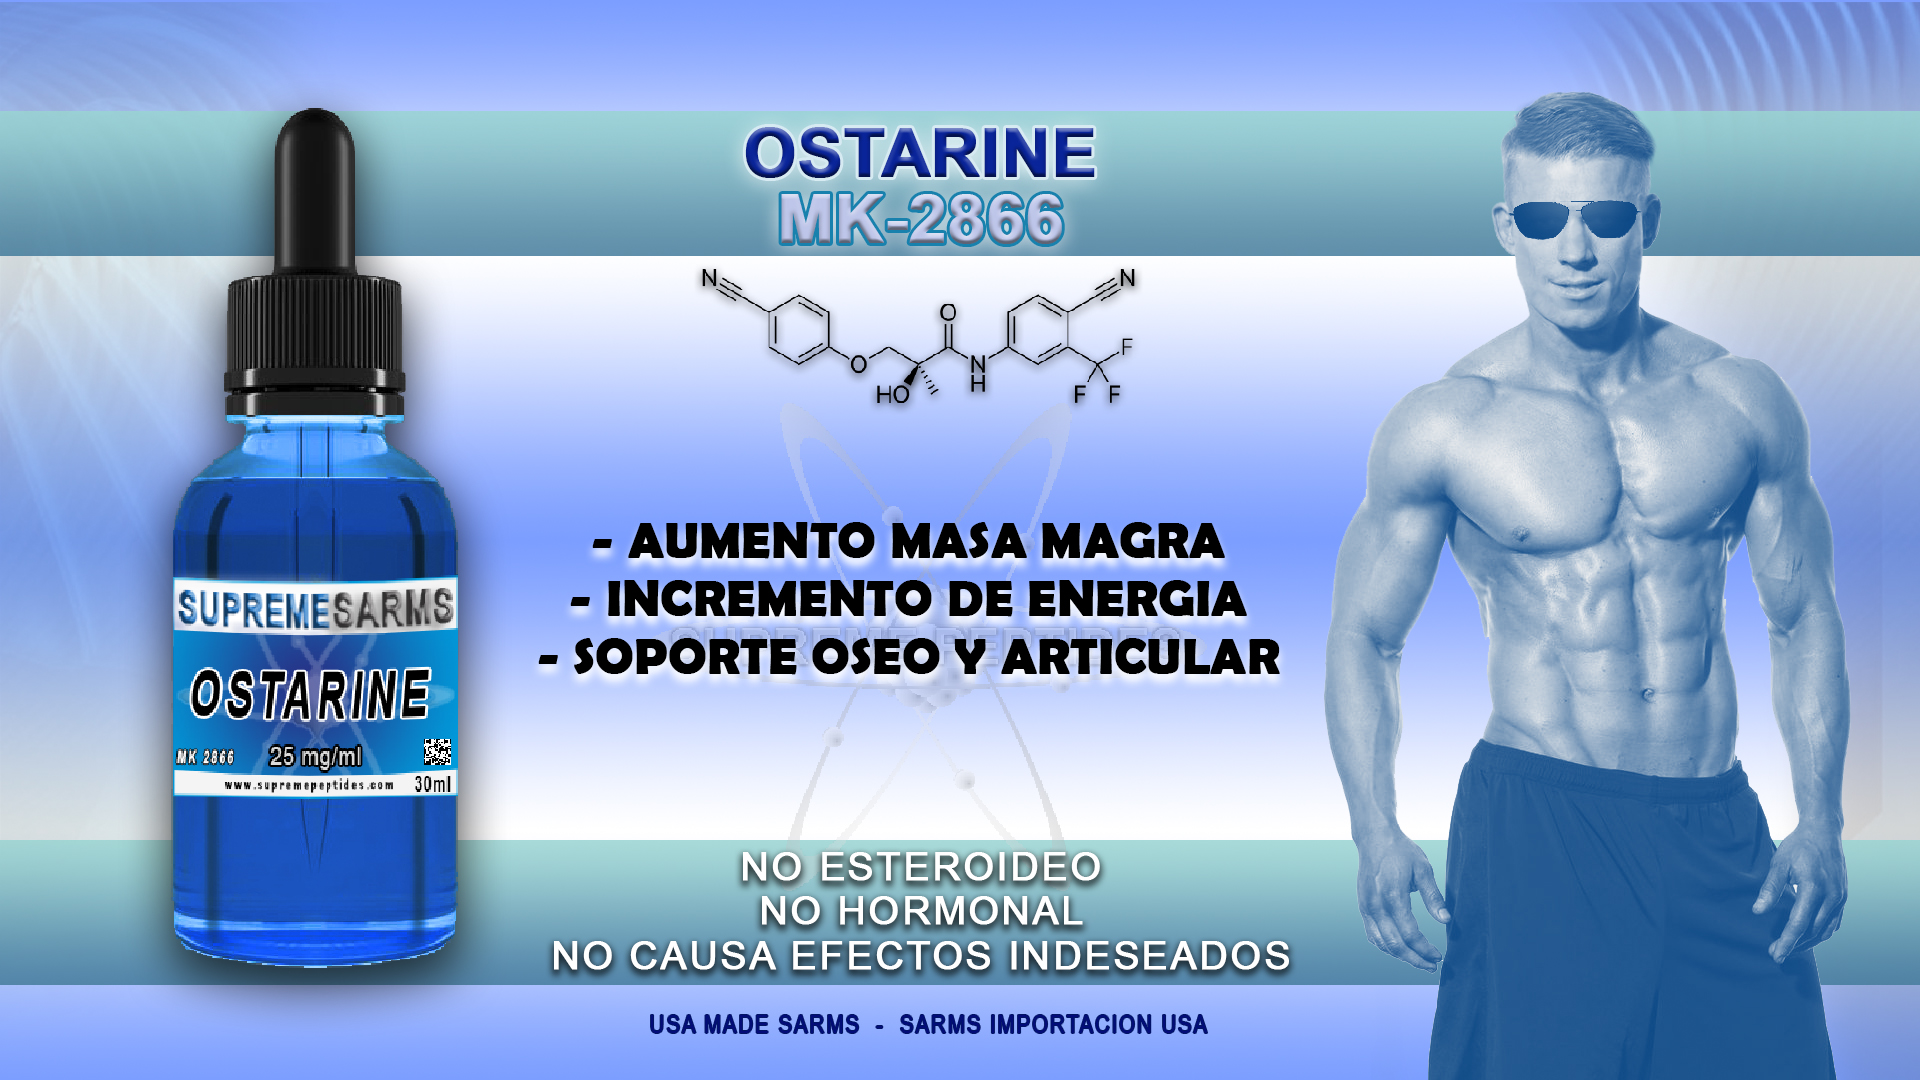 OSTARINE - MK2866 (25mg/ml)